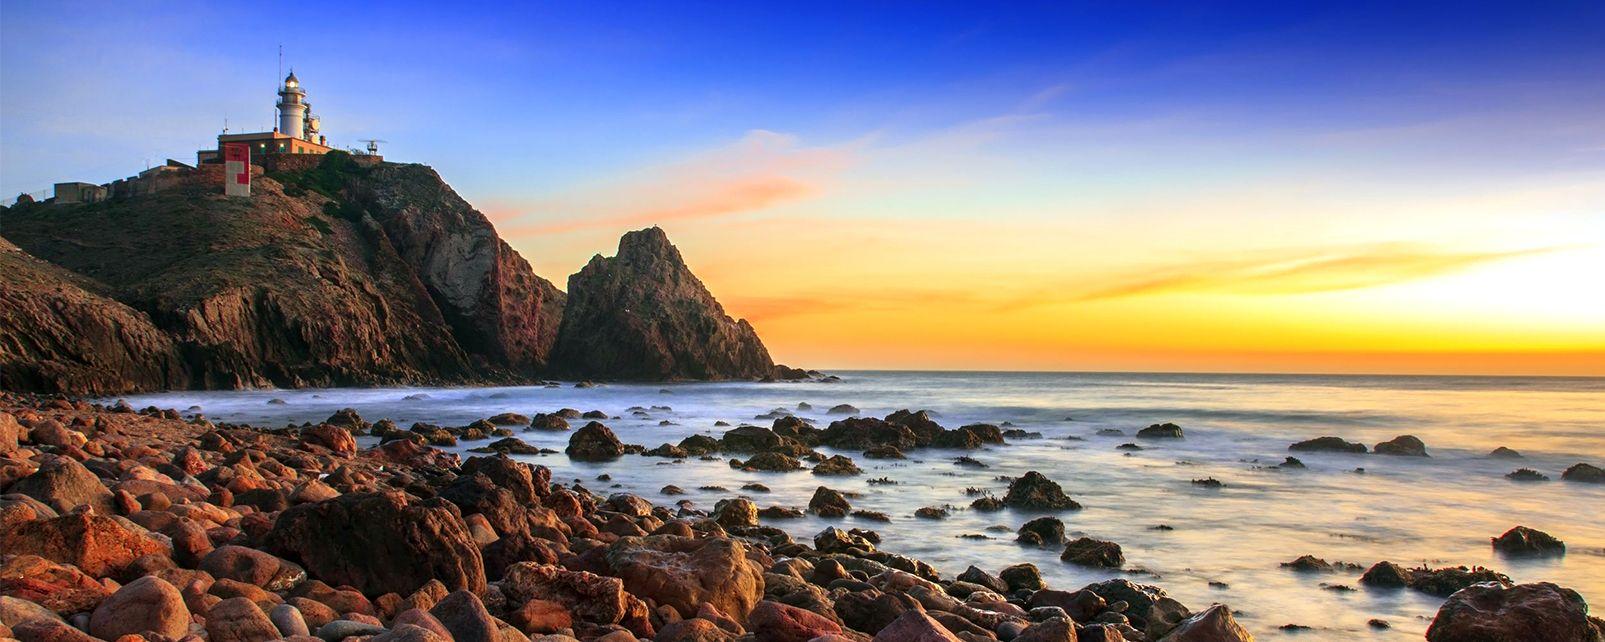 La Parc naturel de Cabo de Gata-Nijar, Cap de Gata-Níjar, La faune et la flore, Andalousie